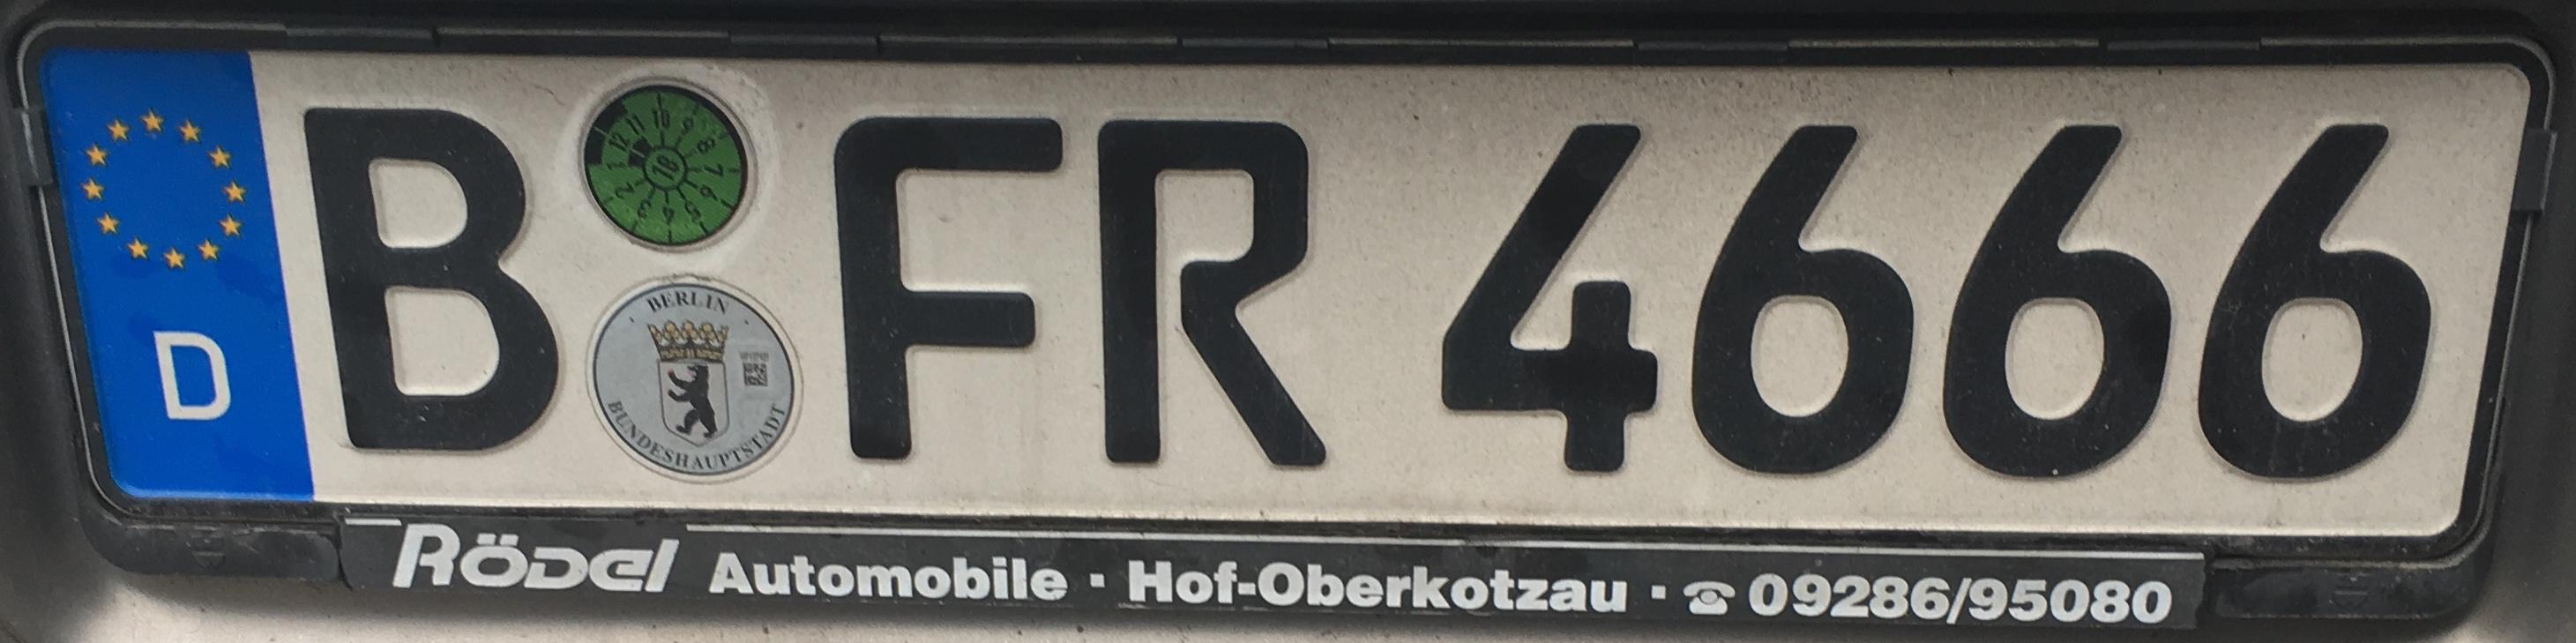 Registrační značka Německo - B - Berlin, foto: www.podalnici.cz